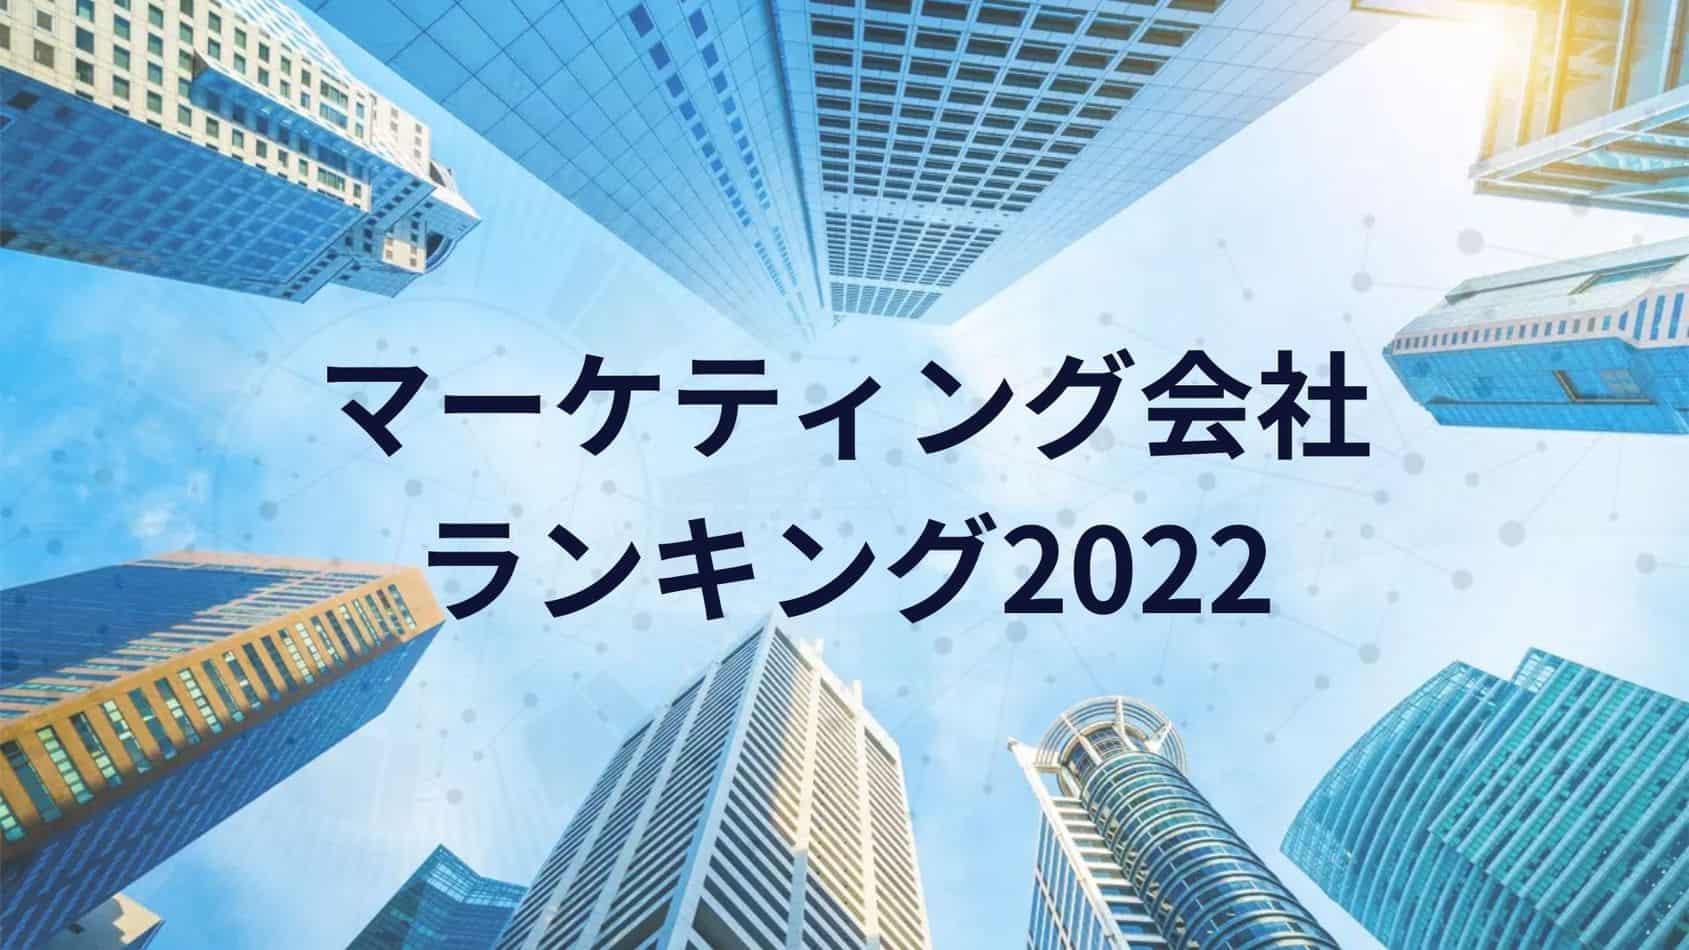 マーケティング会社ランキング2021【Web・デジタル業界の優良企業】